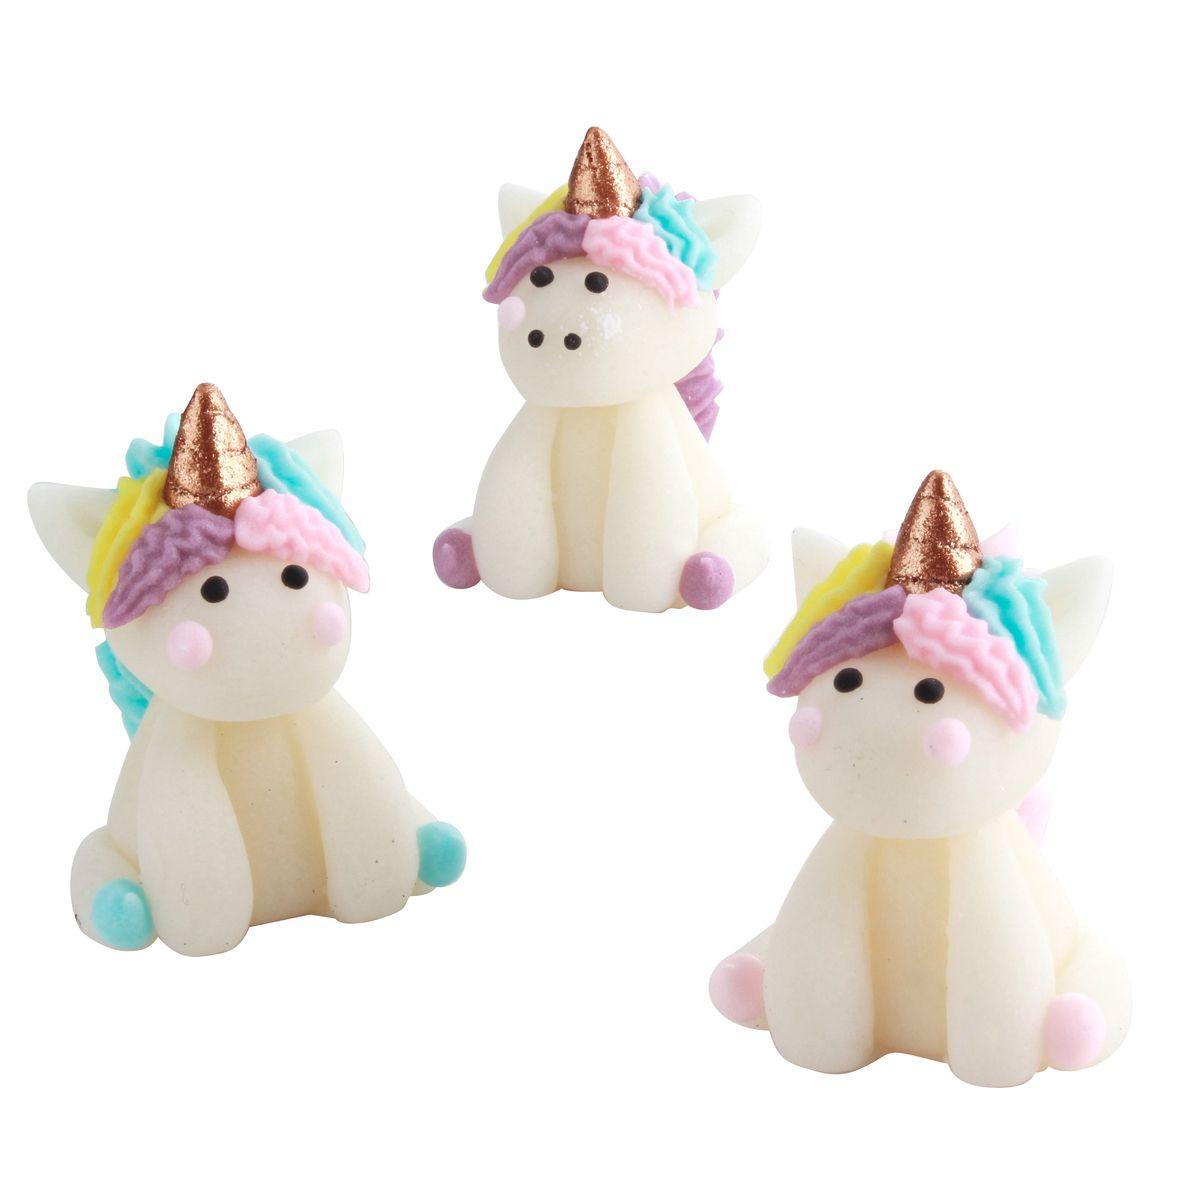 Décor 3D : 3 figurines licornes